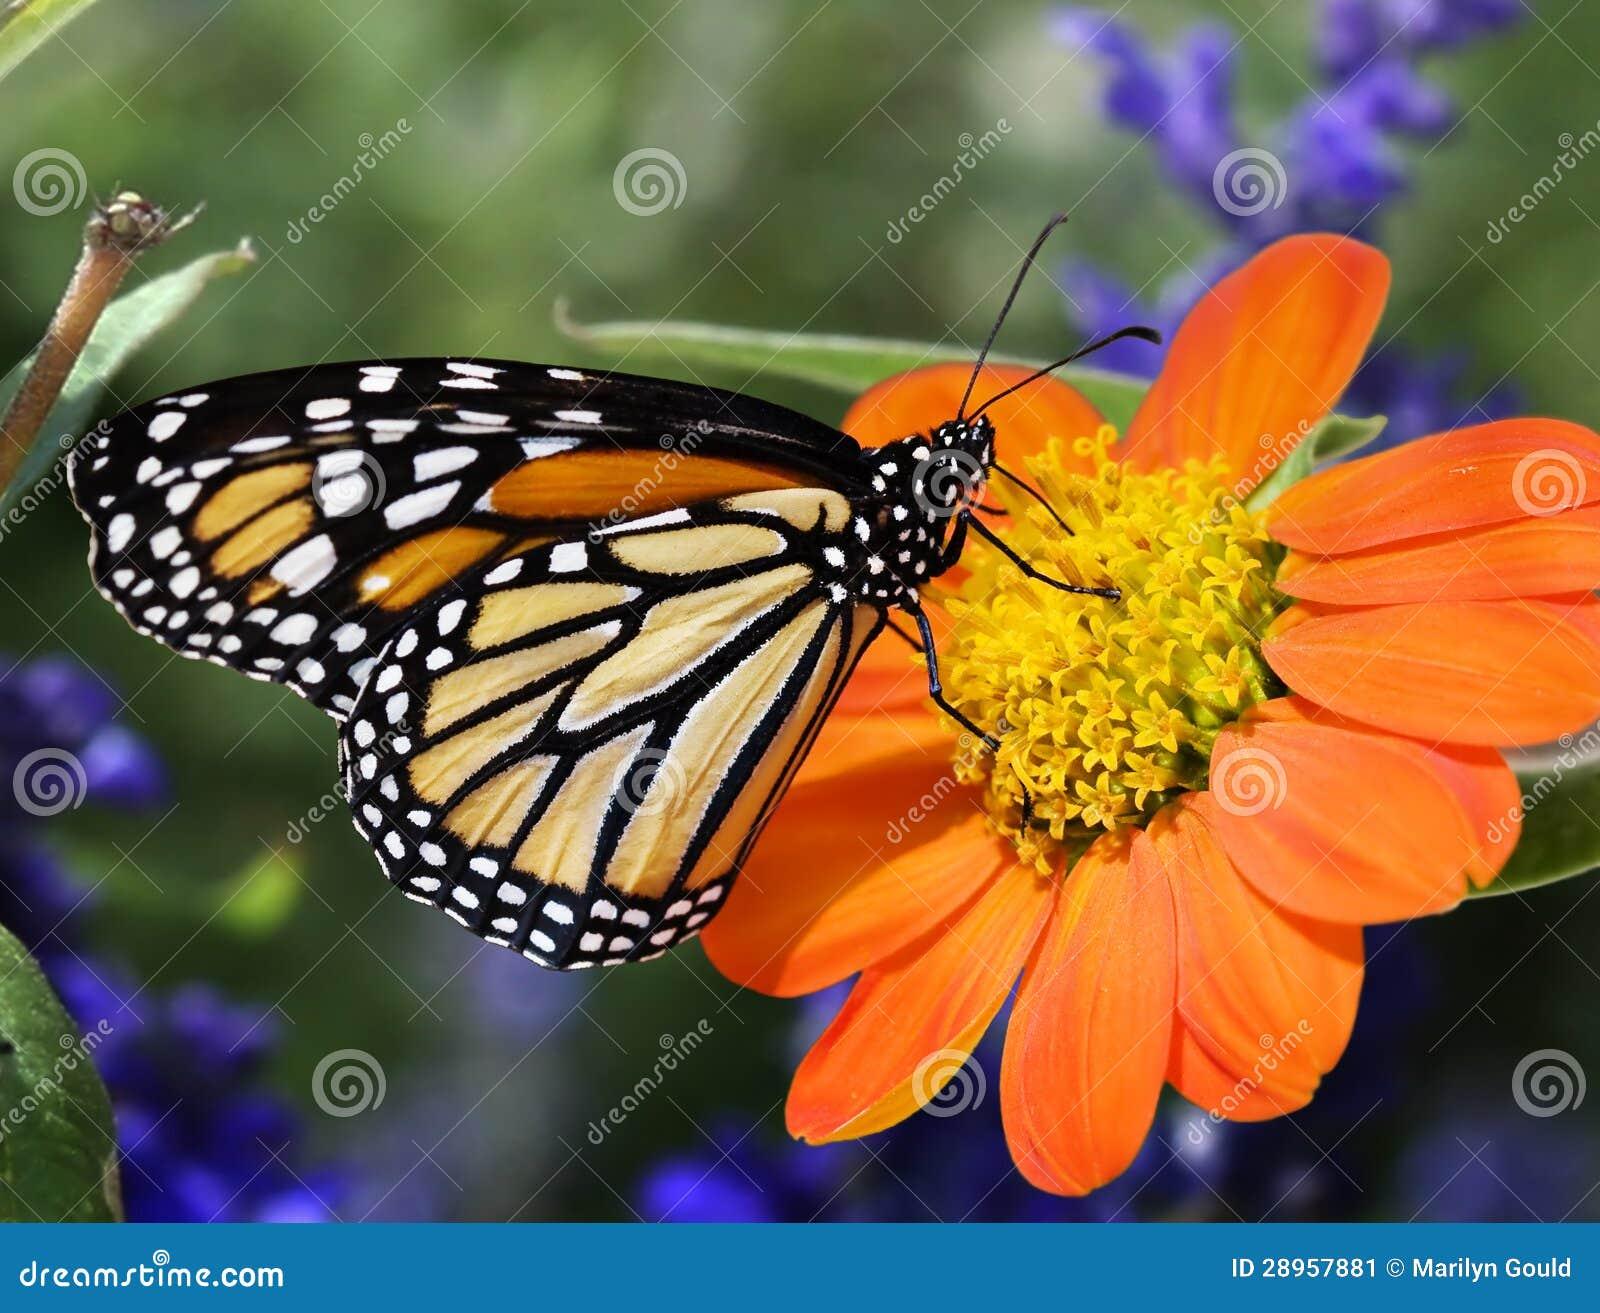 Alimentazione della farfalla di monarca di profilo